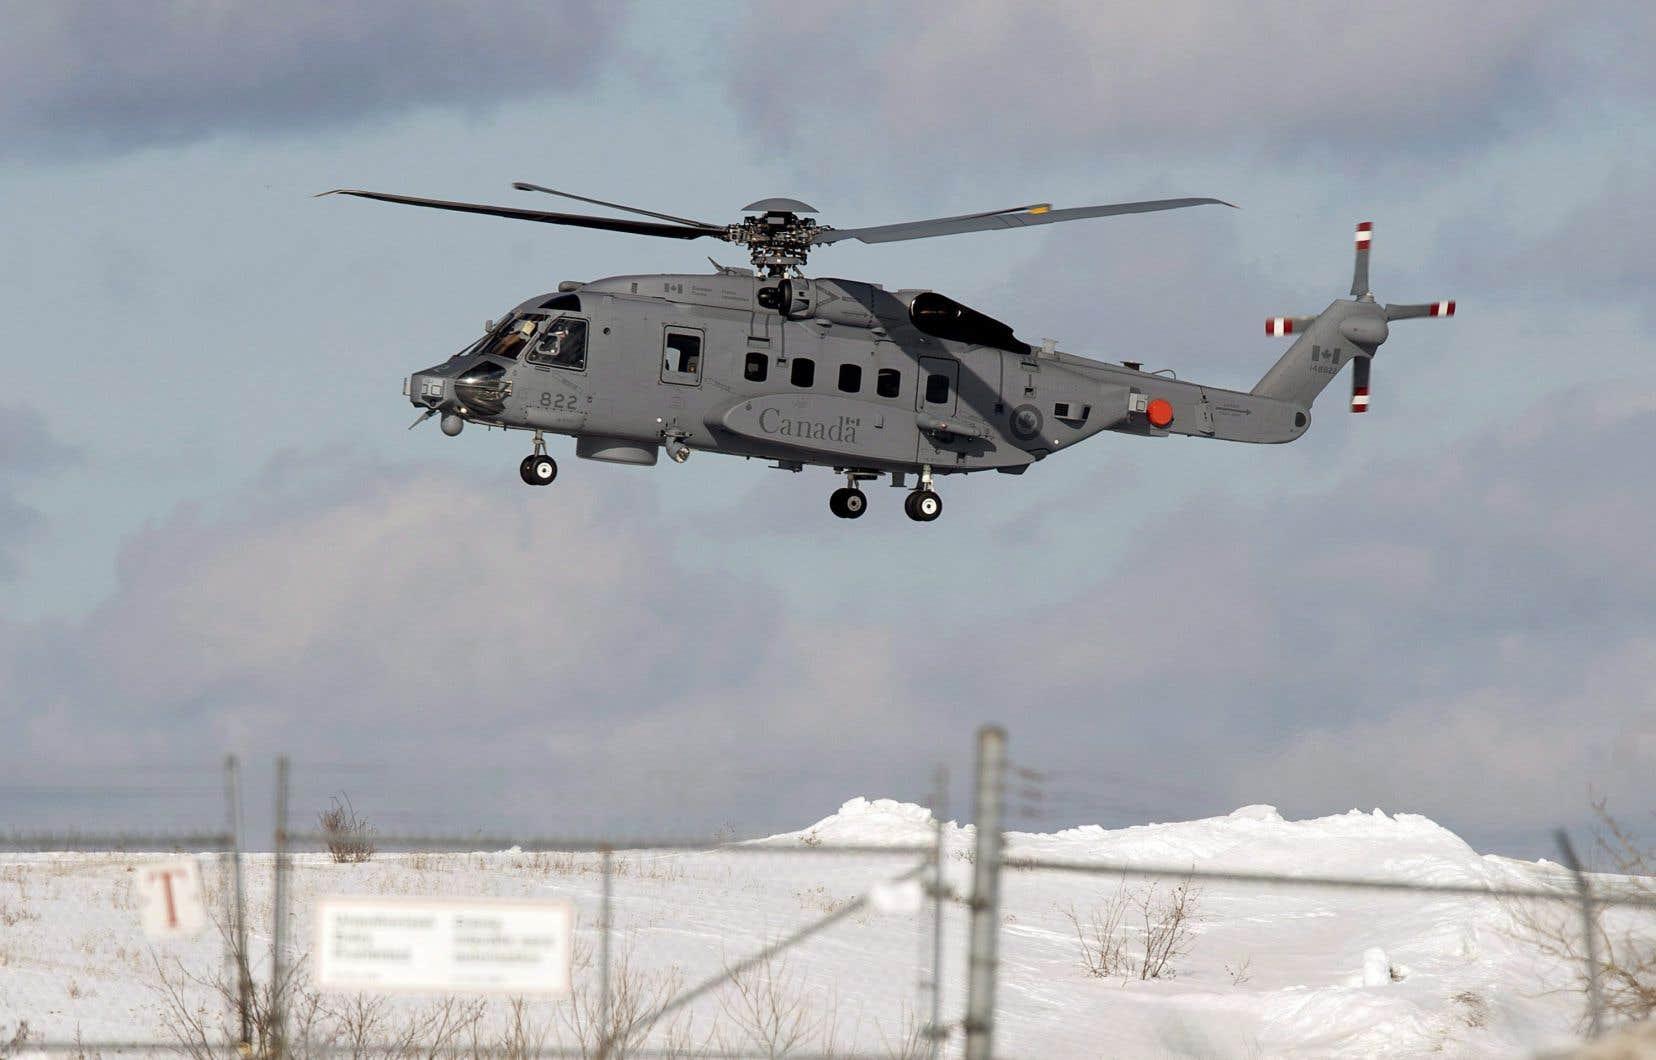 L'appareil qui a disparu est unCyclone CH-148, un modèle récent livré à l'armée canadienne en juin 2015.